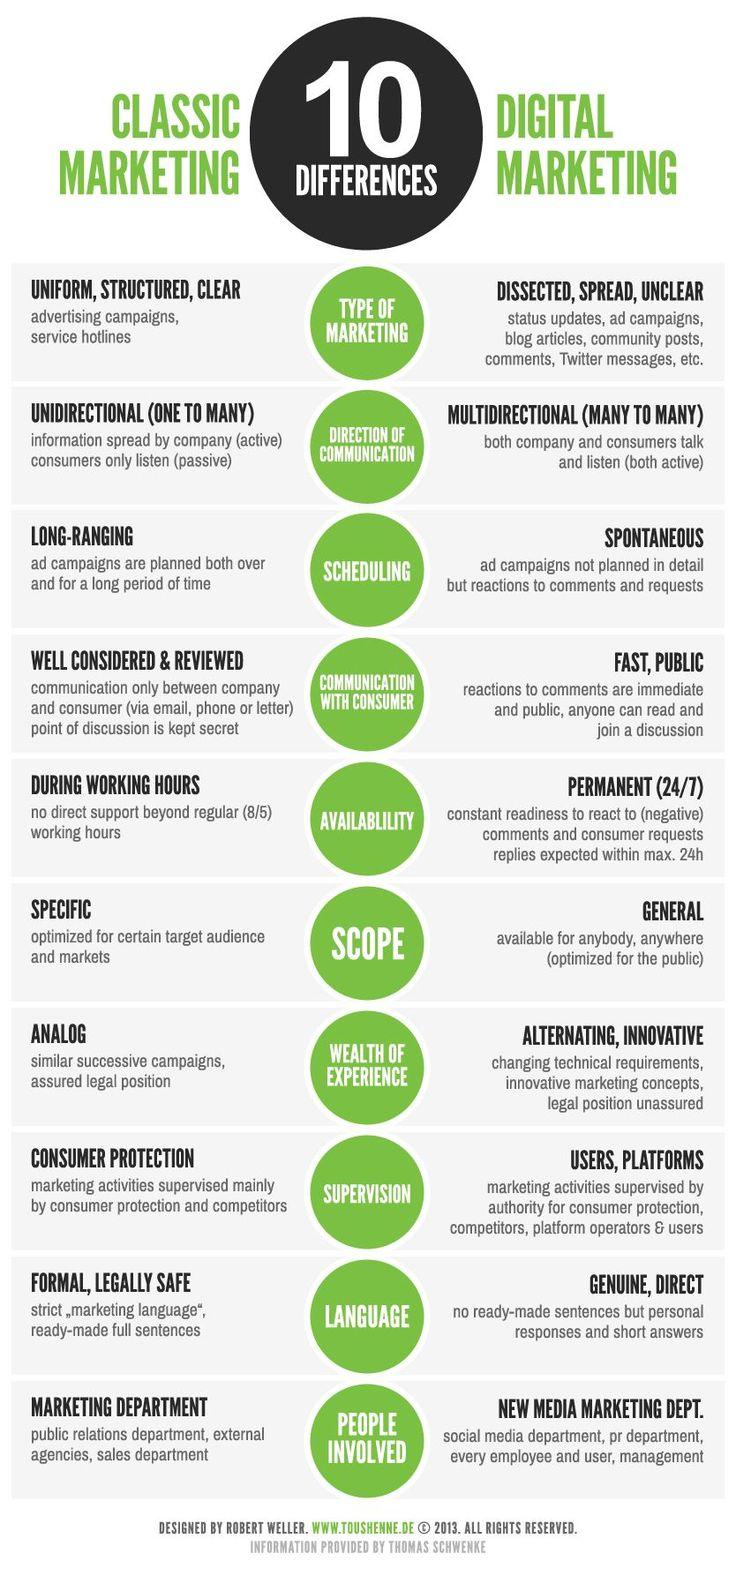 Social Media oder klassische Marketingstrategien: wir haben zehn Unterschiede zusammengefasst, die für deine Entscheidung hilfreich sind.